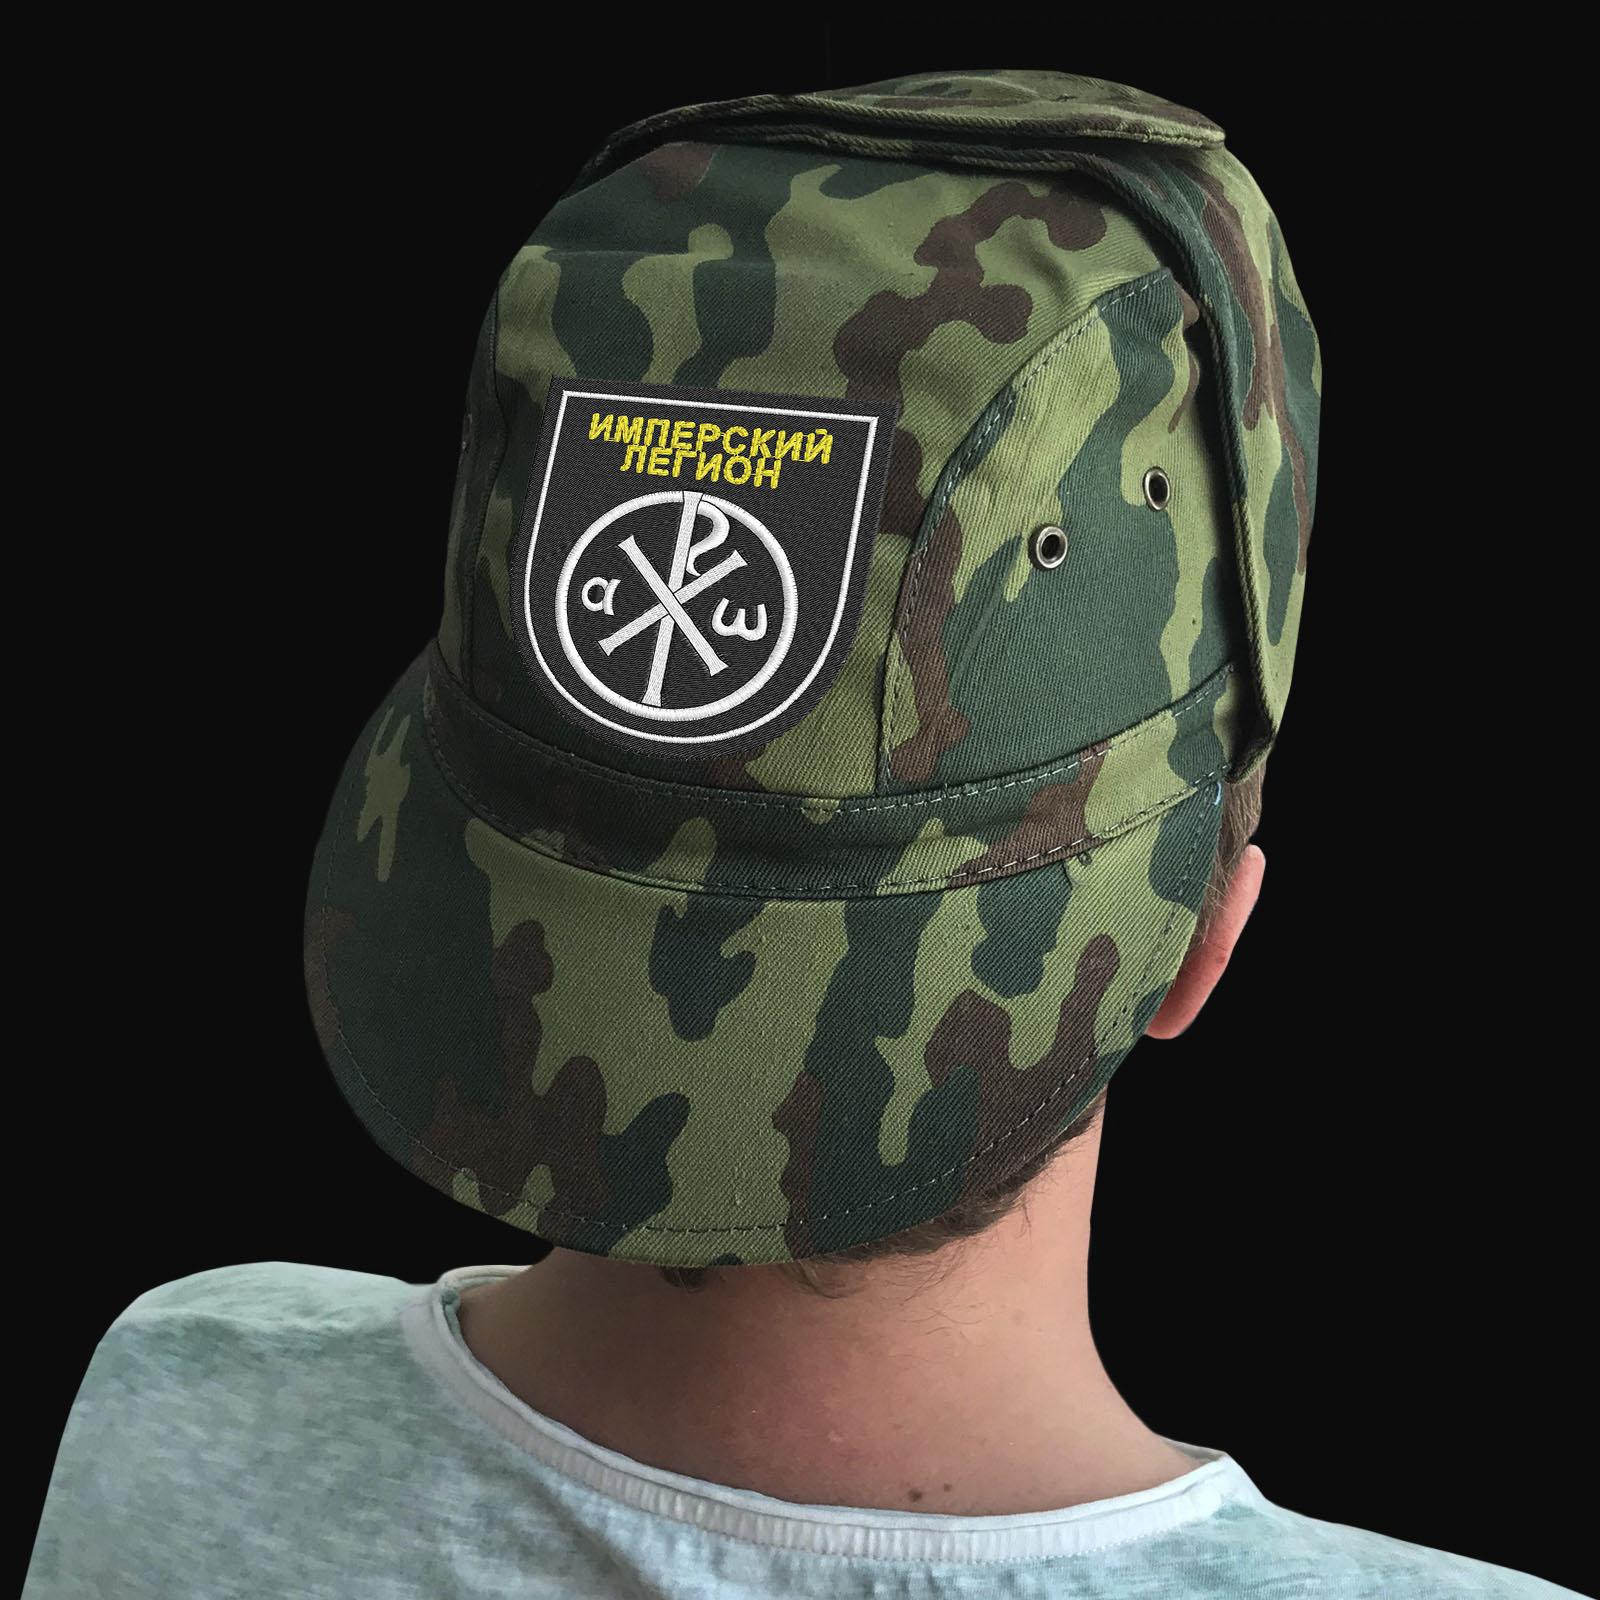 Заказать с доставкой мужскую милитари кепку Имперский Легион